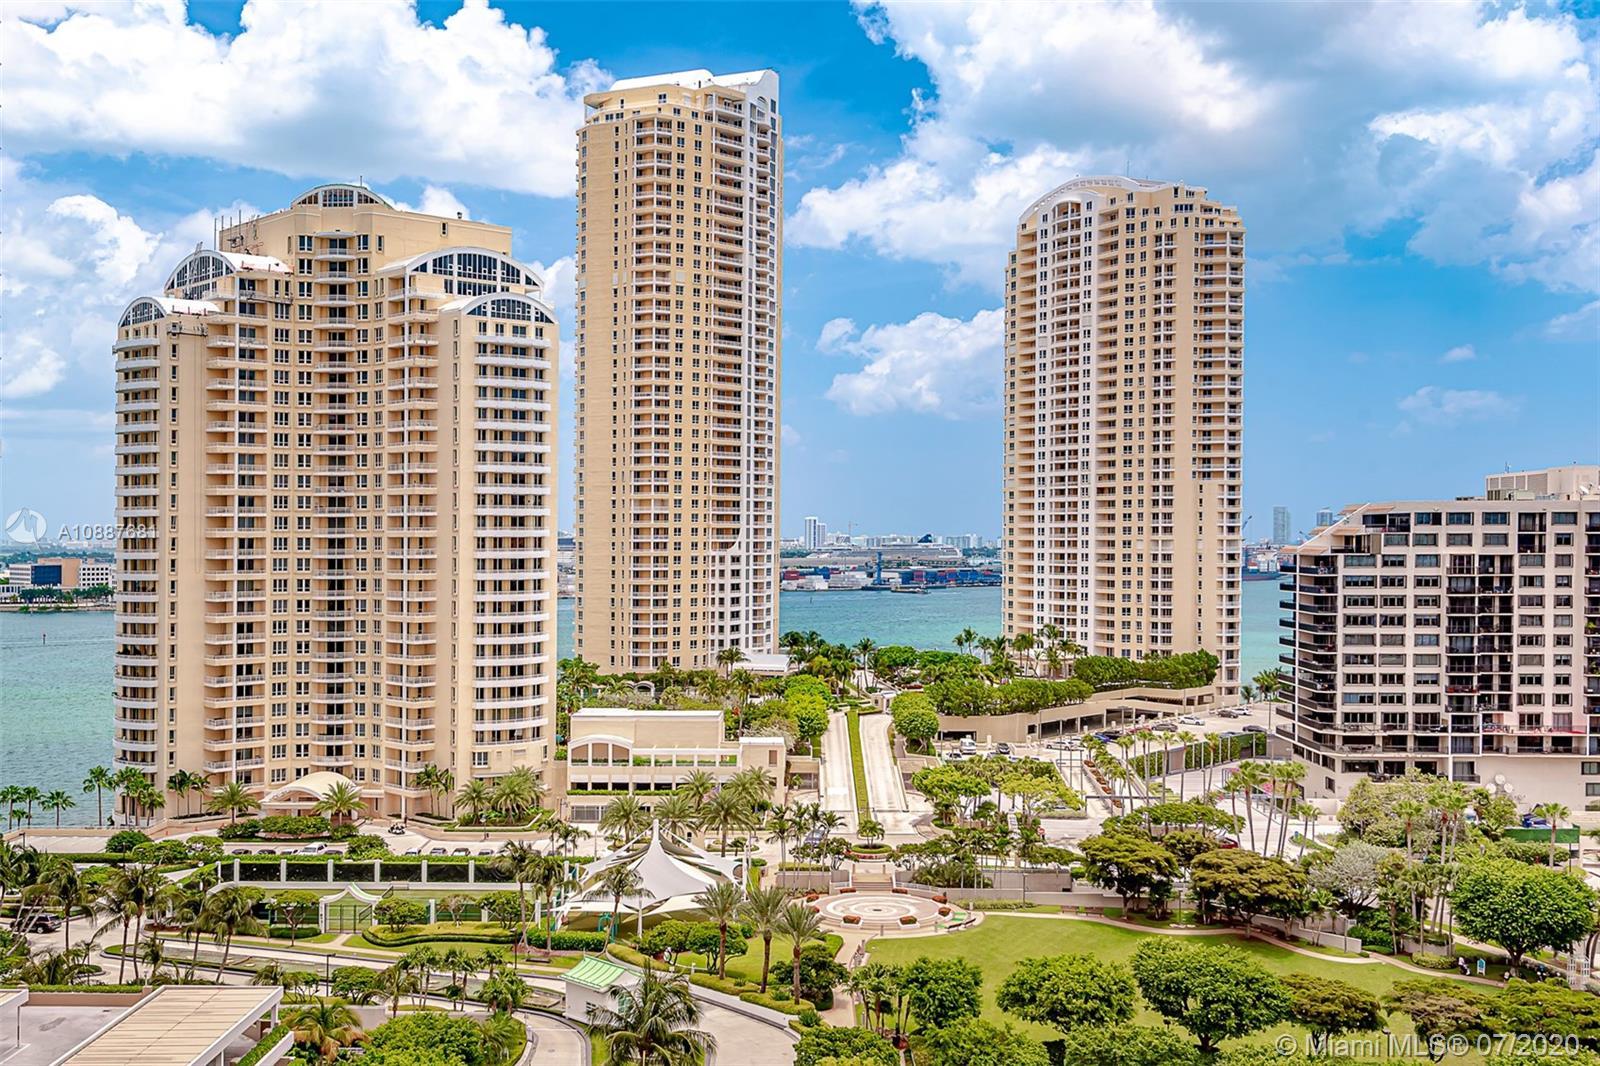 Courvoisier Courts #1704 - 701 Brickell Key Blvd #1704, Miami, FL 33131